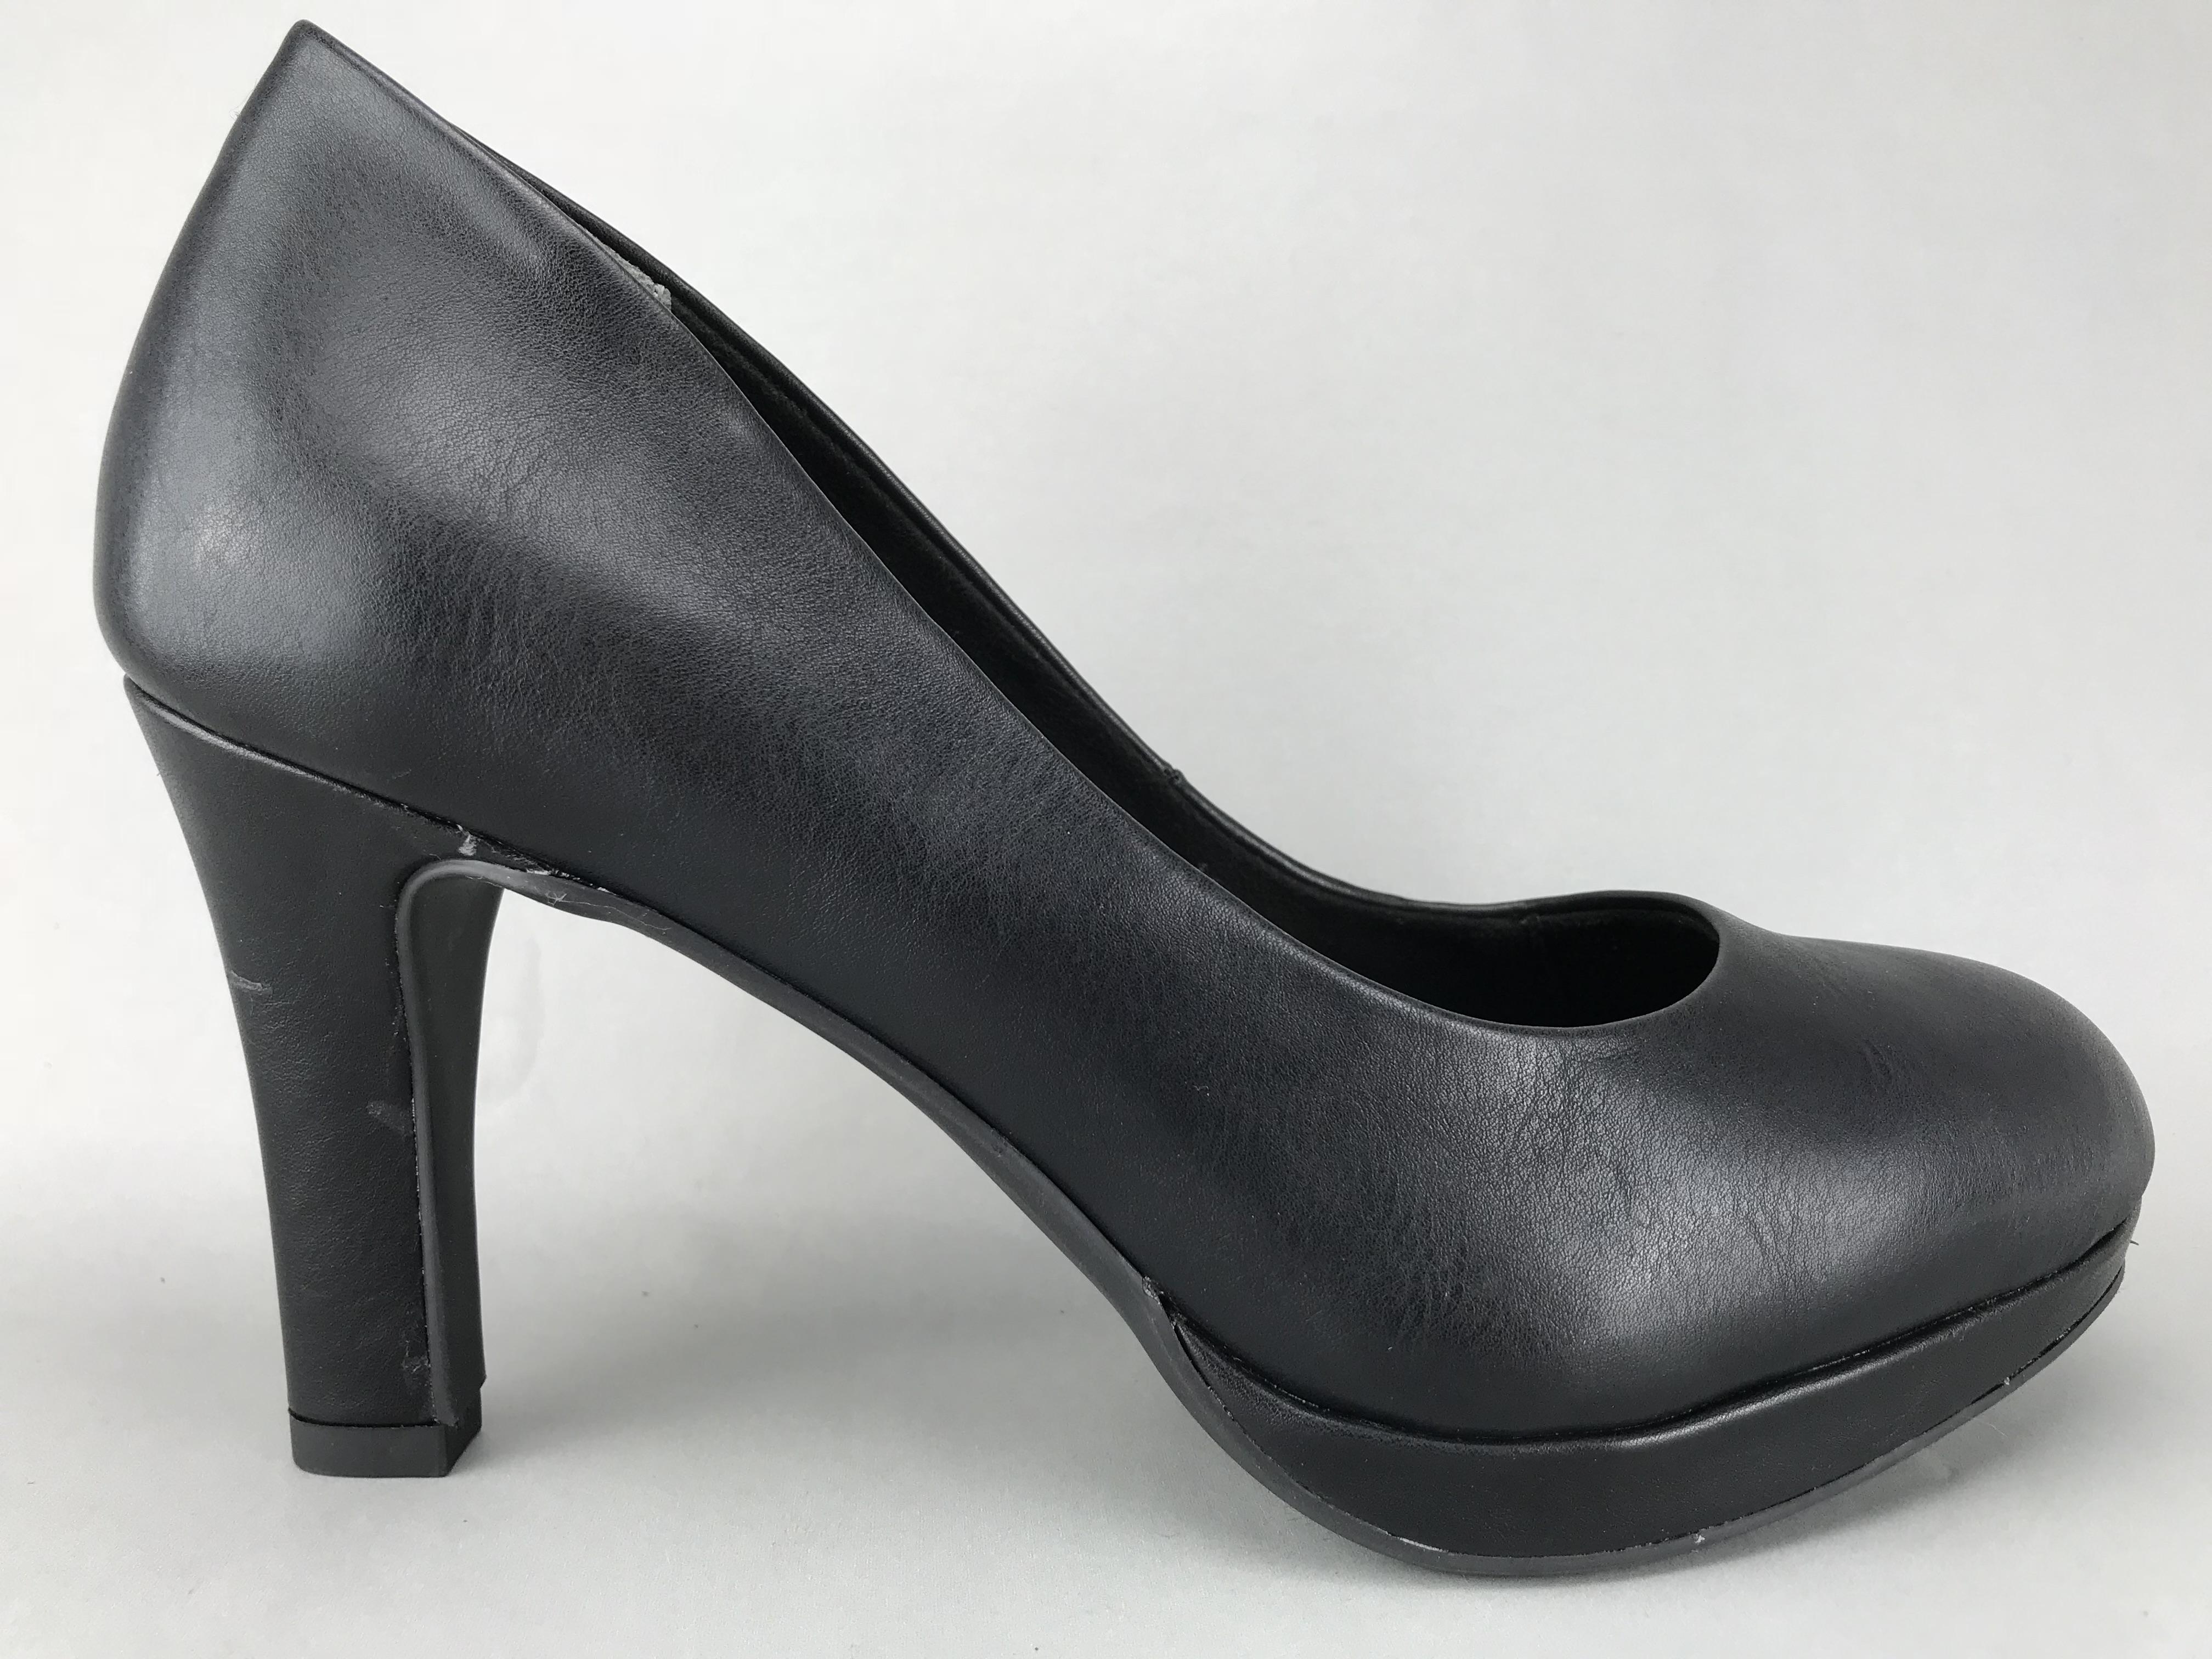 719901a60296 Rieker sandaler - Rieker sko - Rieker støvler. Se Skolageret´s store udvalg  af Rieker sko